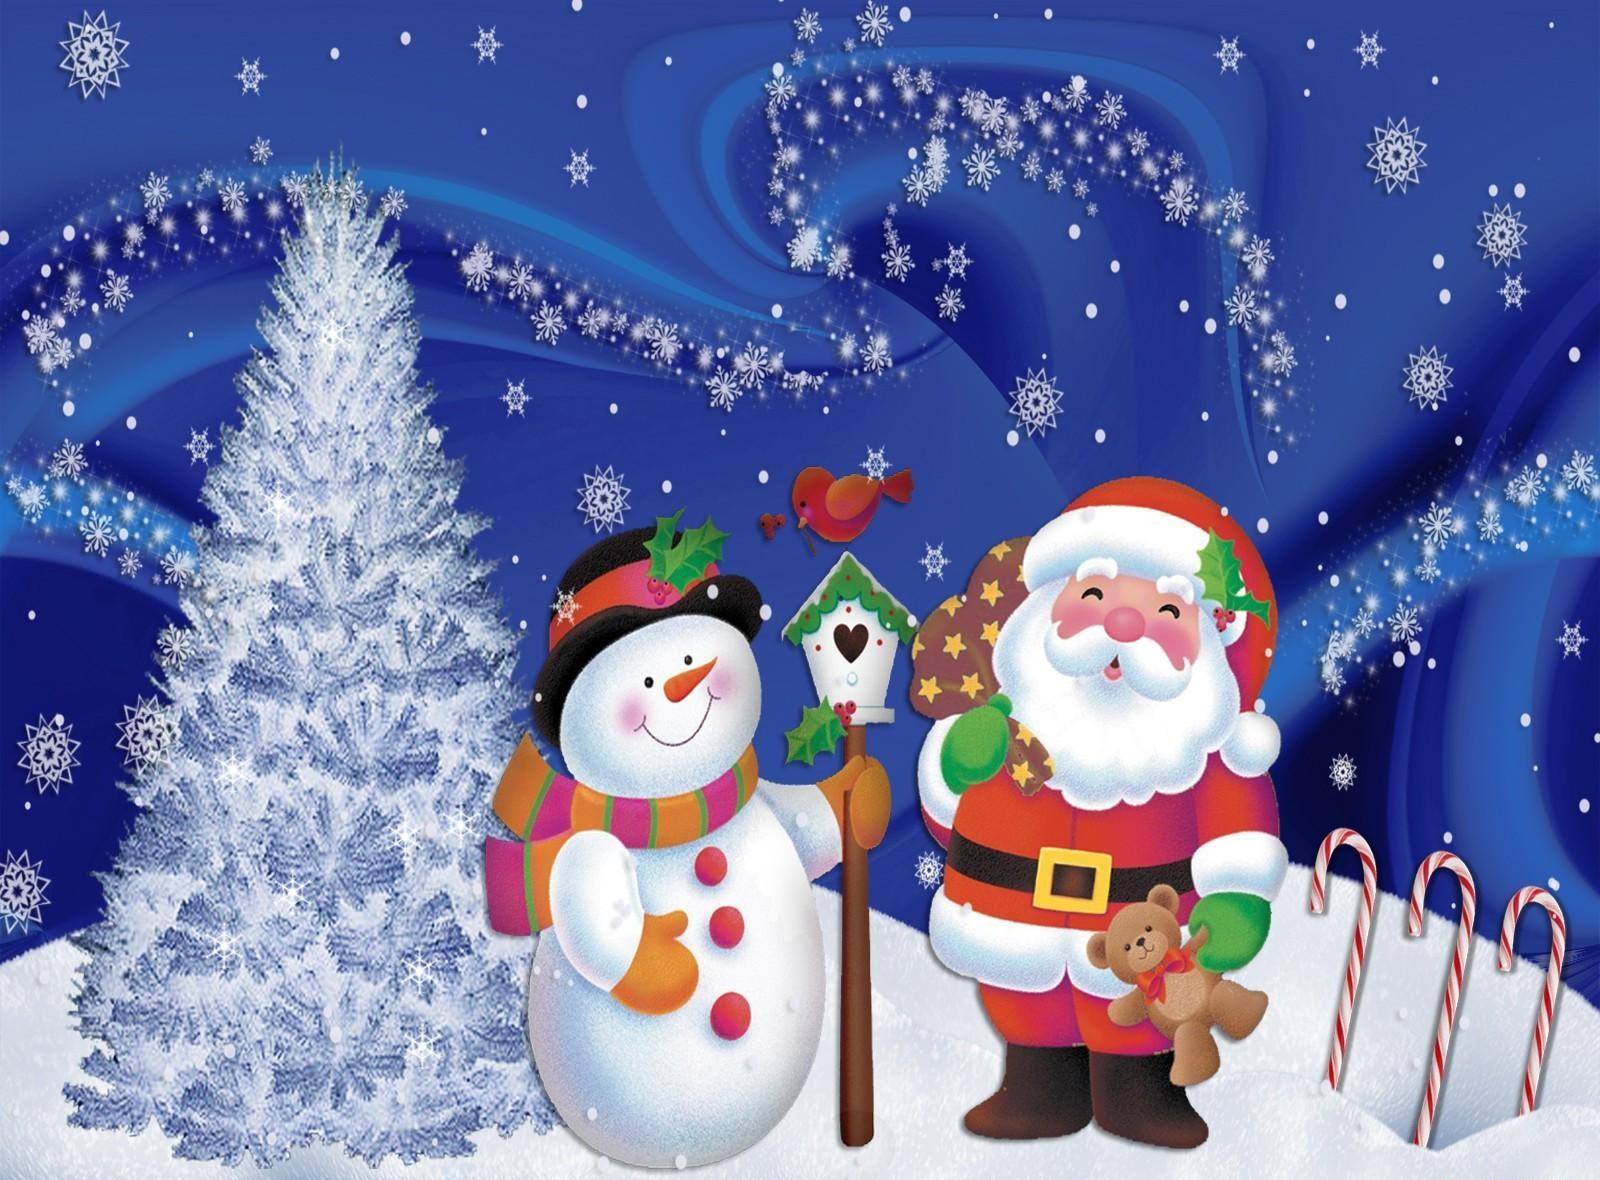 146658 Hintergrundbild herunterladen Weihnachten, Feiertage, Weihnachtsmann, Schneeflocken, Schneemann, Weihnachtsbaum, Postkarte - Bildschirmschoner und Bilder kostenlos